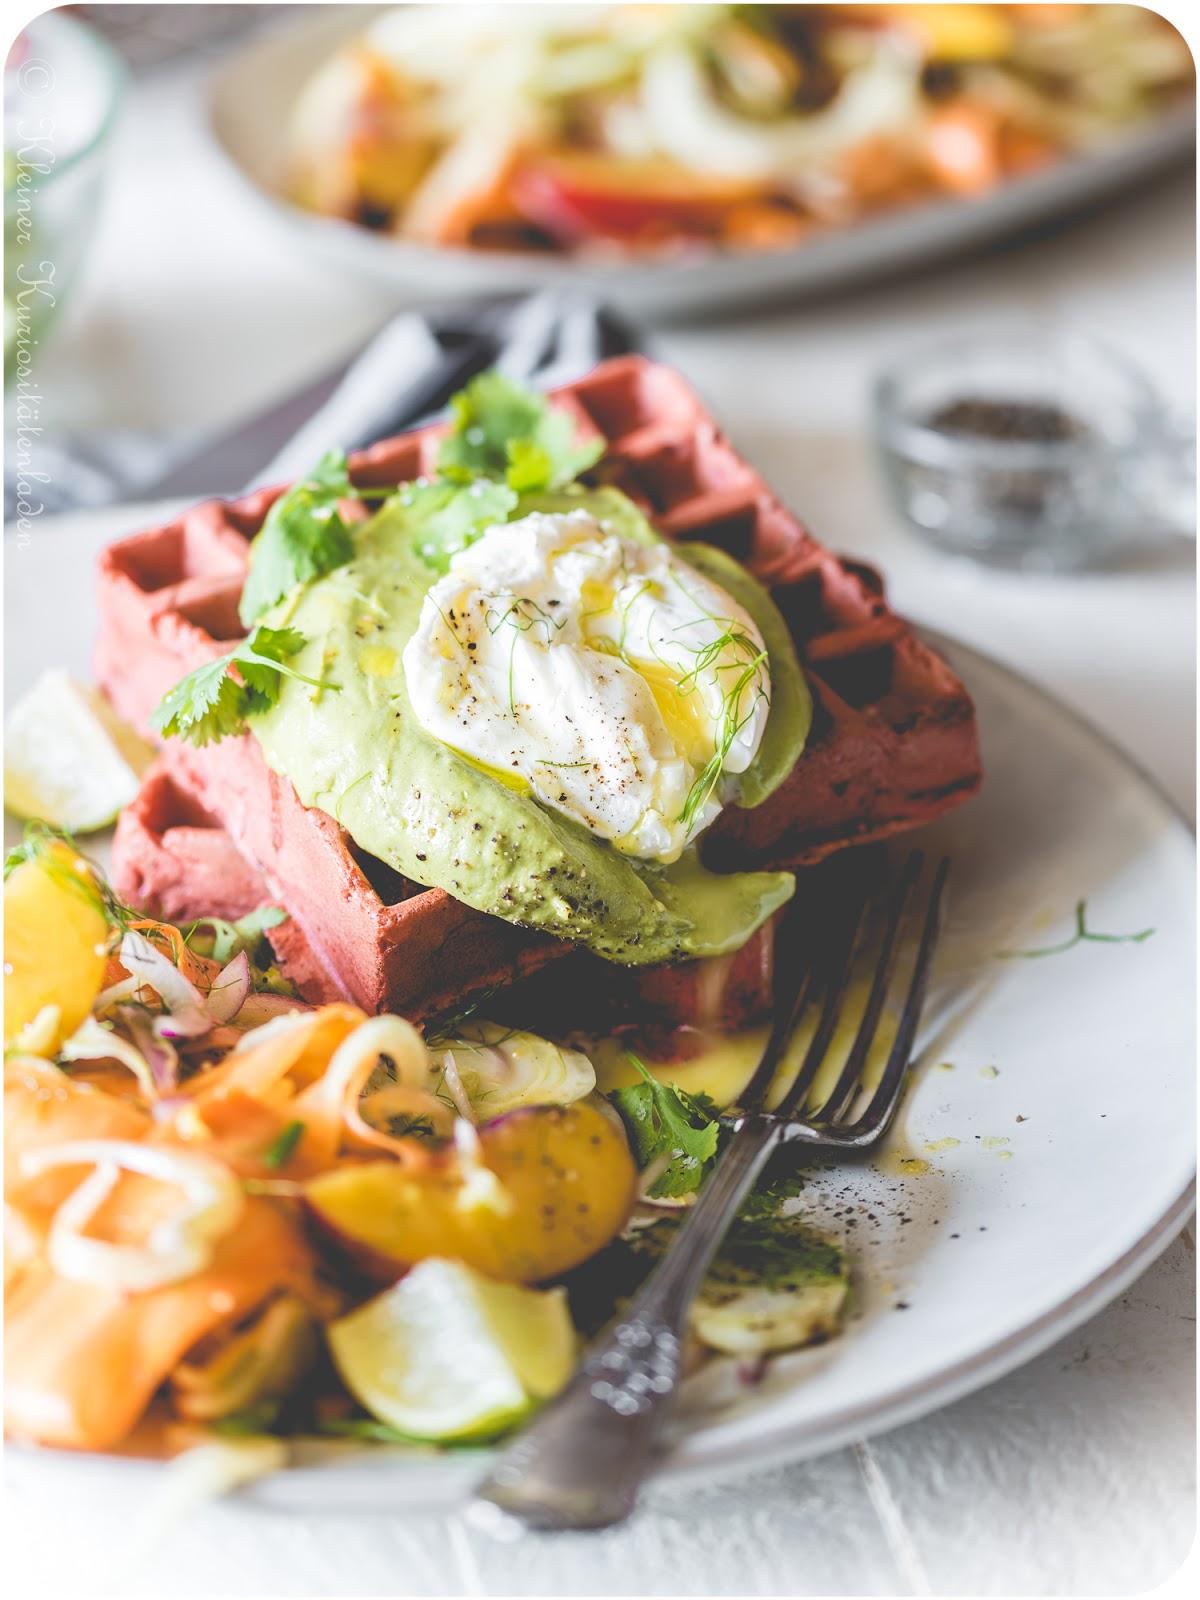 Rote-Bete-Waffeln mit Hummus aus dicken Bohnen und Karotten-Fenchel-Salat